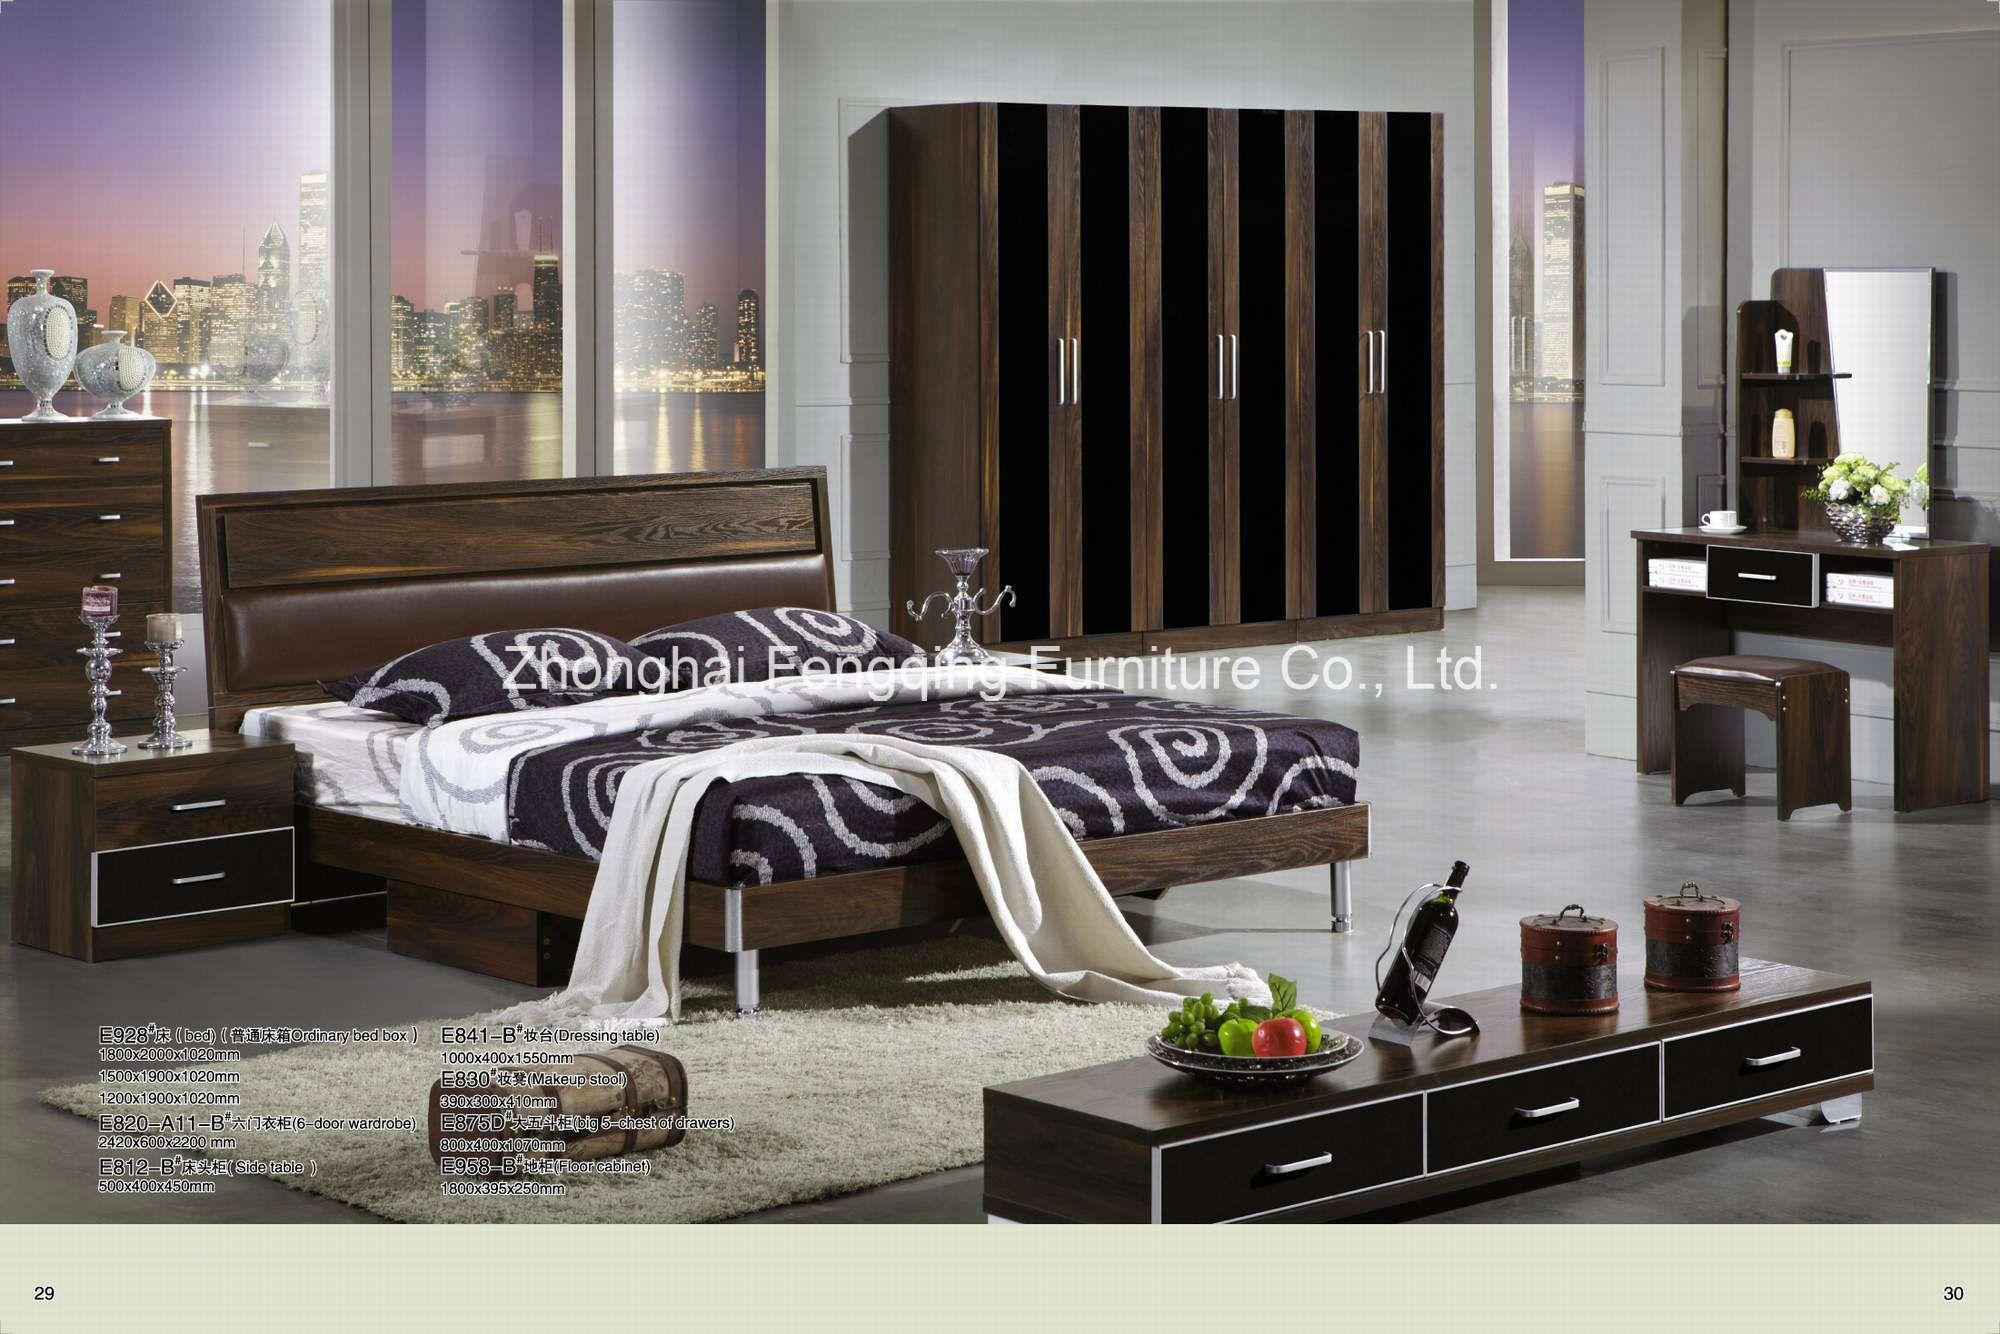 Foto de Muebles Más Nuevos de Tabla del Aparador del Dormitorio de ...